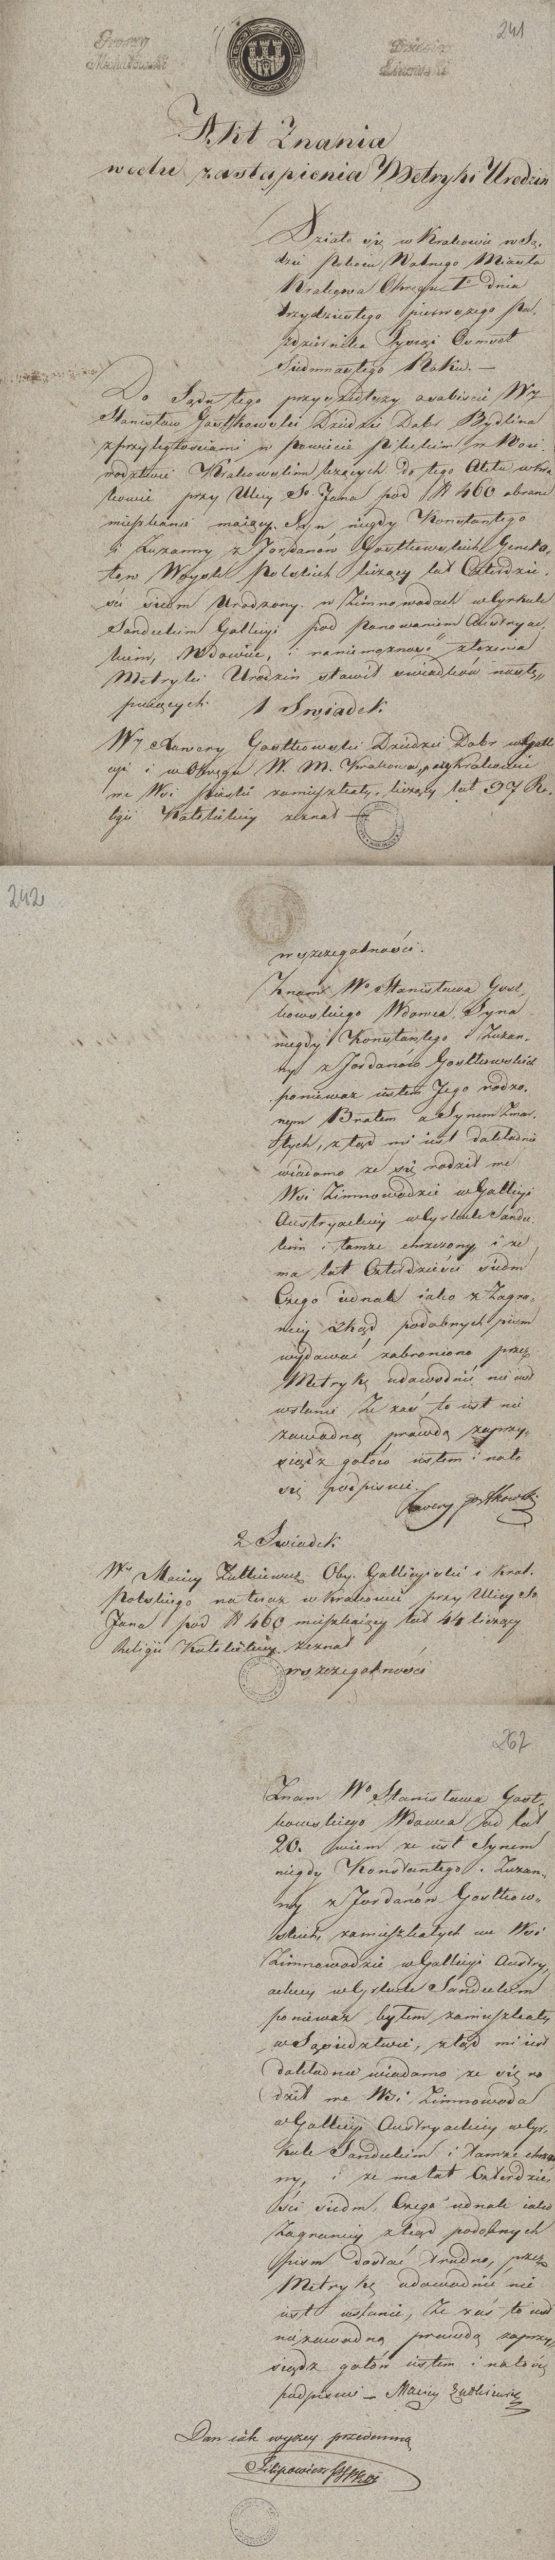 Alegaty do małżeństwa Stanisław Gostkowski & Martyna Apolonia Cieński (03.11.1817 r.) (1)